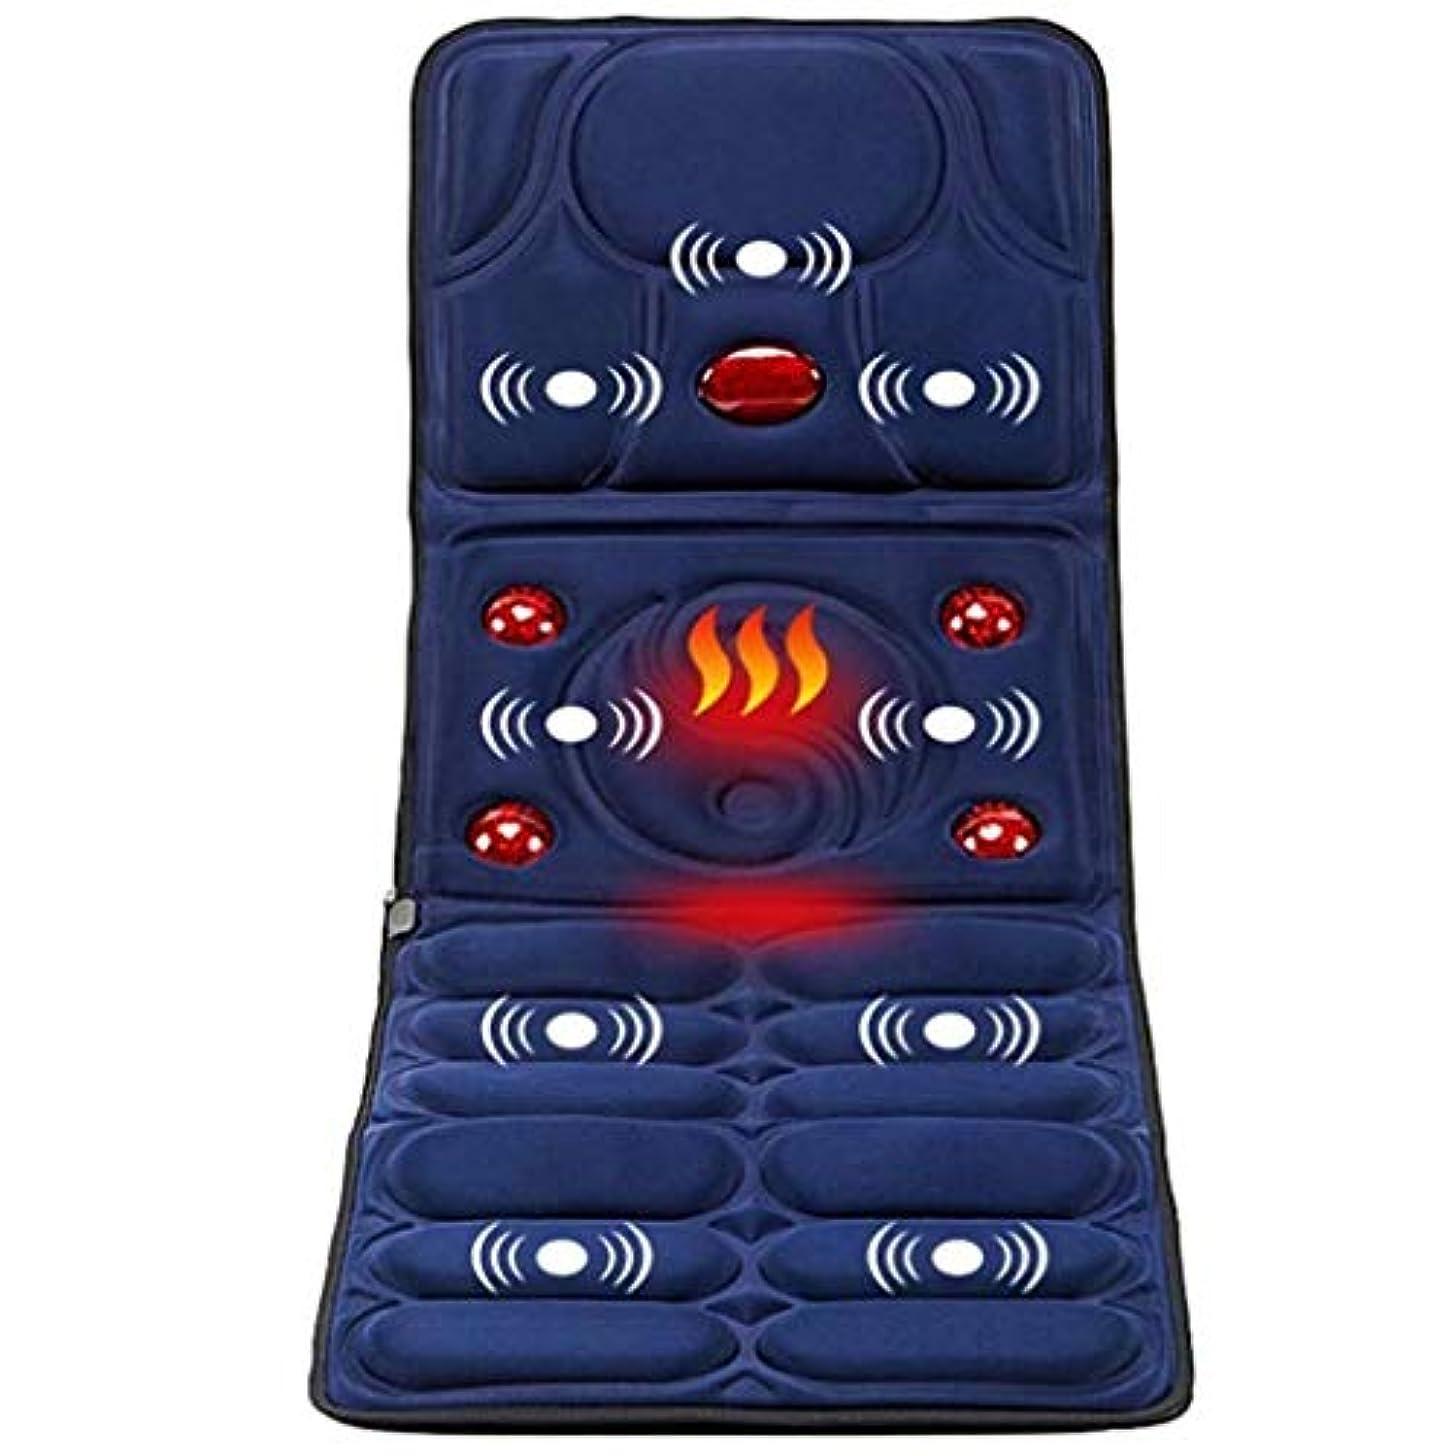 与えるうめき声リーンマッサージクッション、電動折りたたみ式マッサージクッション、全身マッサージマットレス、多機能加熱/振動赤外線マッサージクッション、背中の首の肩に適した家、ストレスを和らげる